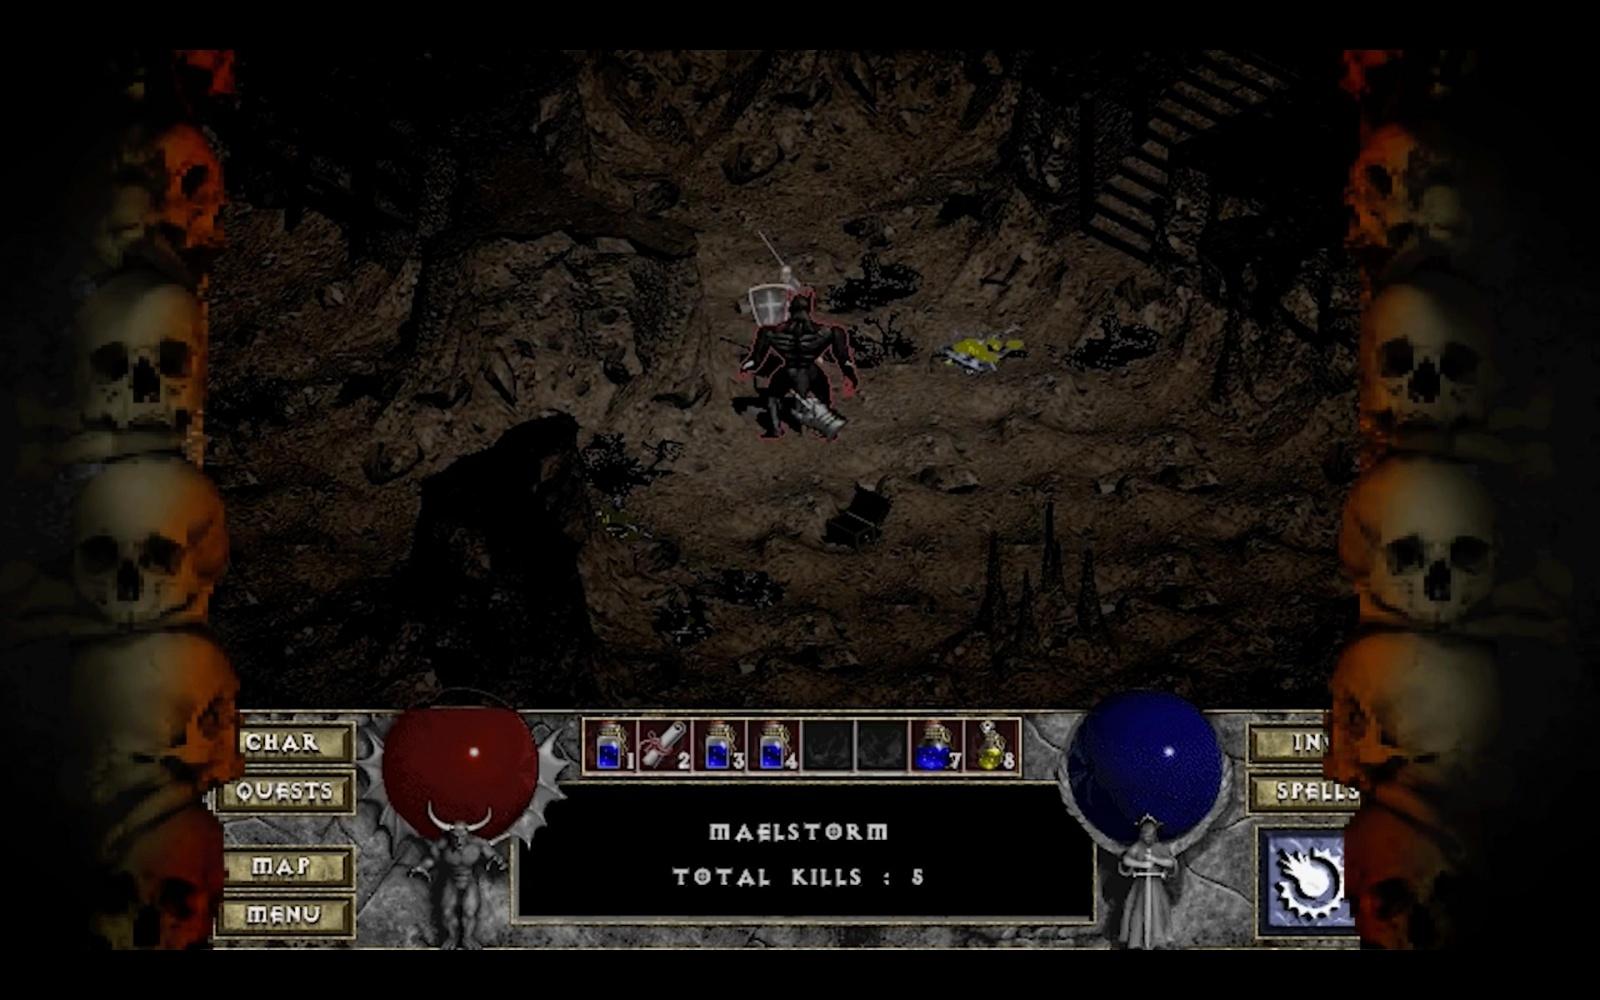 Как всего одна игровая механика навсегда изменила Diablo - 6